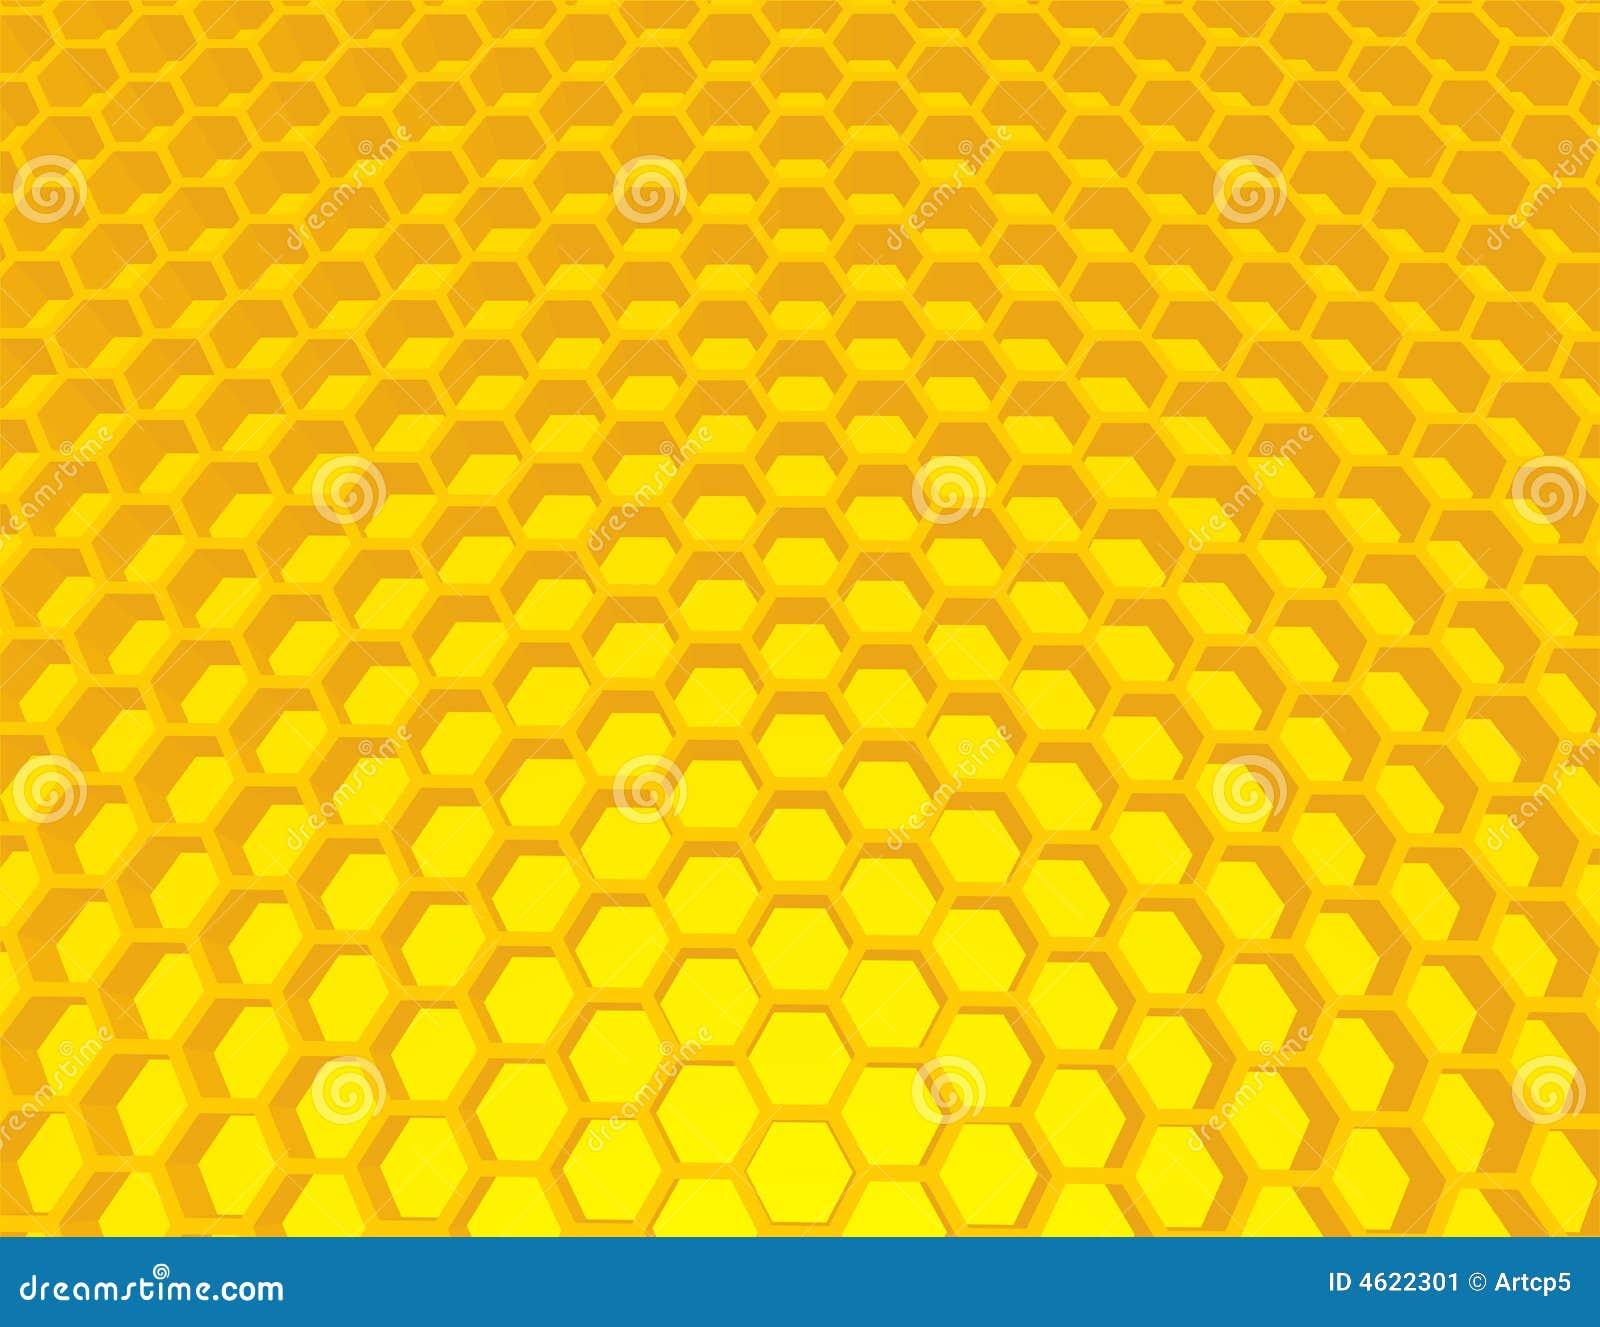 het behang van de bijenkorf achtergrond 4622301 - Honingraat Behang